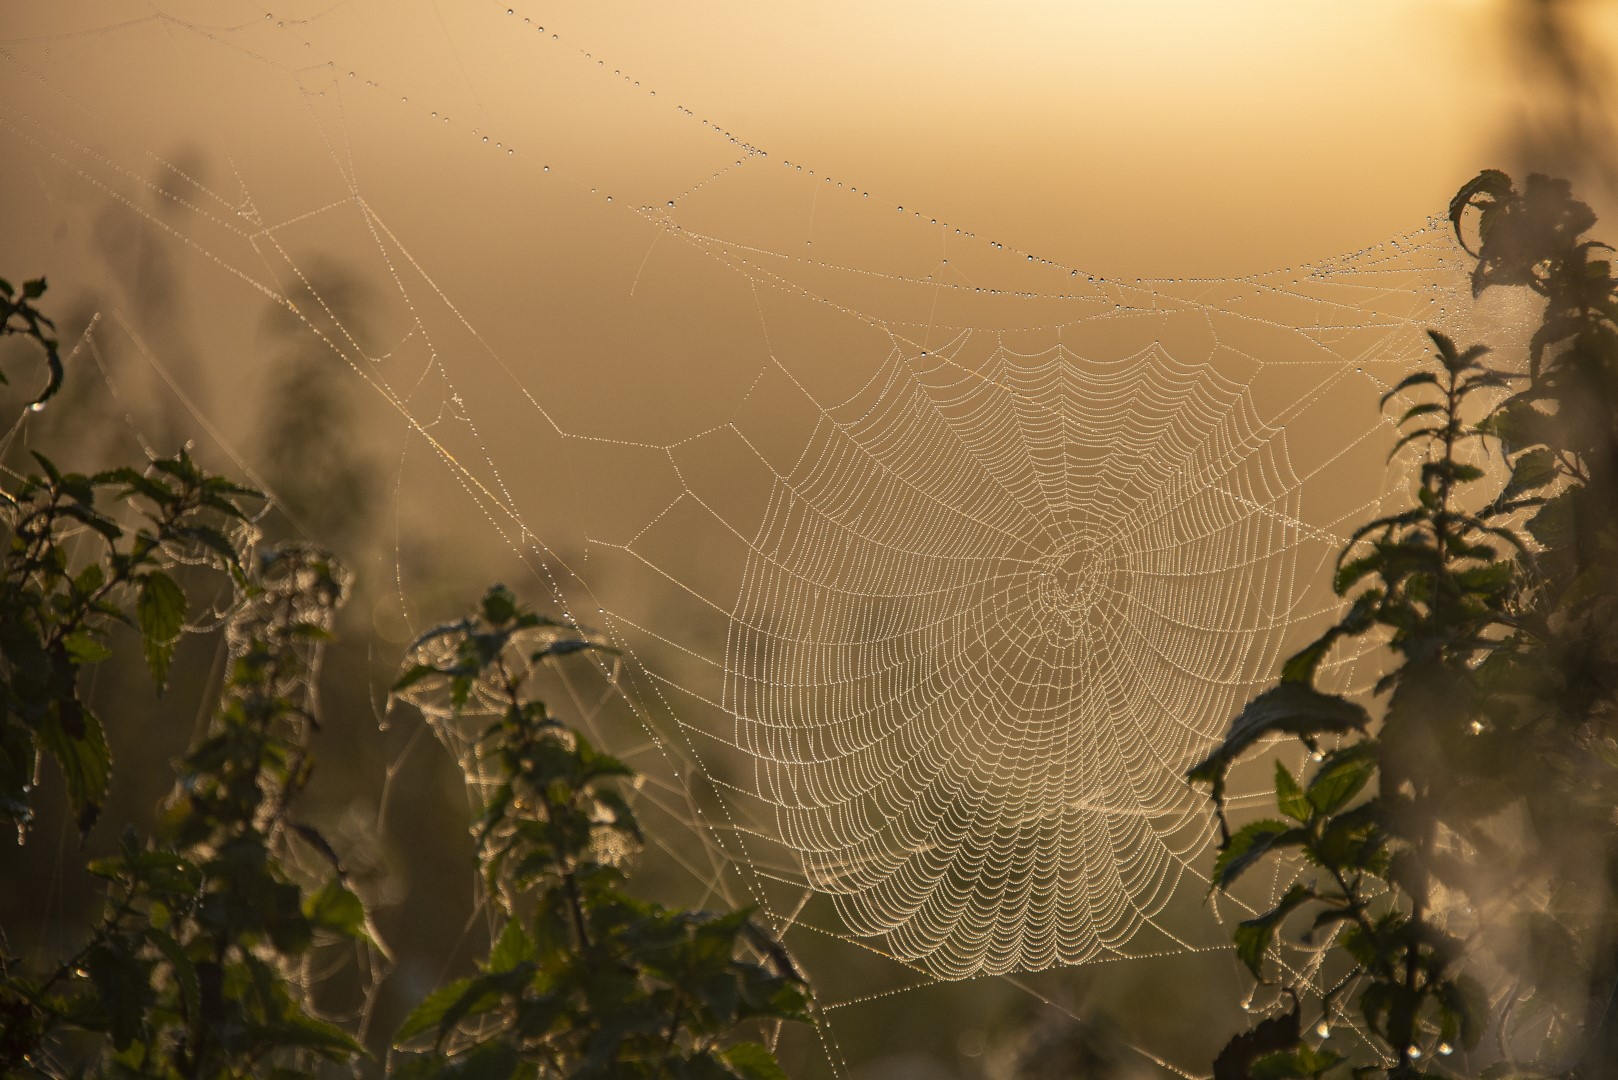 spinnenweb in ochtendlicht